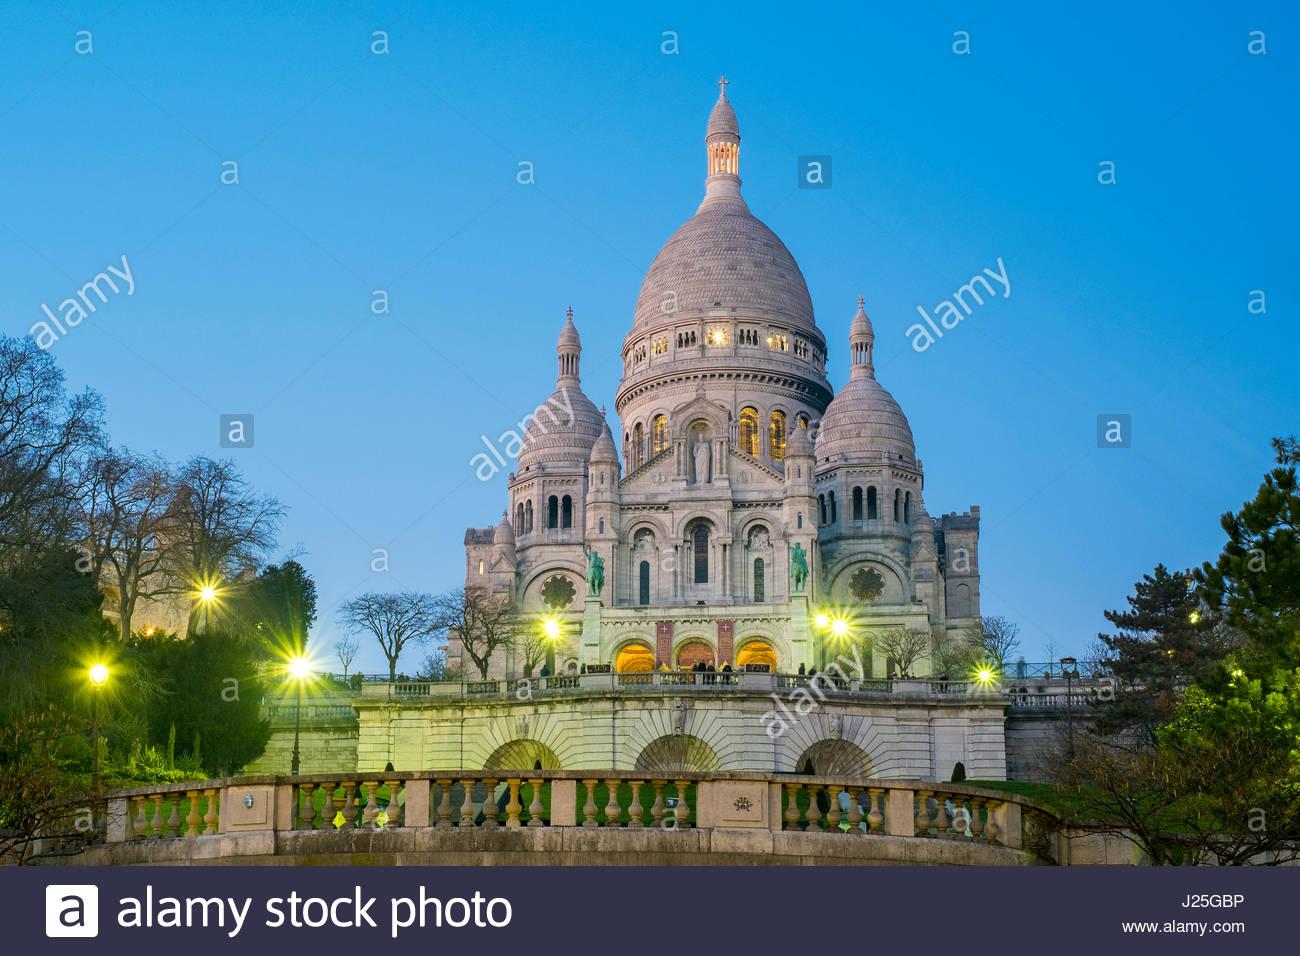 France, Île-de-France, Paris. Basilica of Sacre Coeur at dusk, Montmartre. - Stock Image